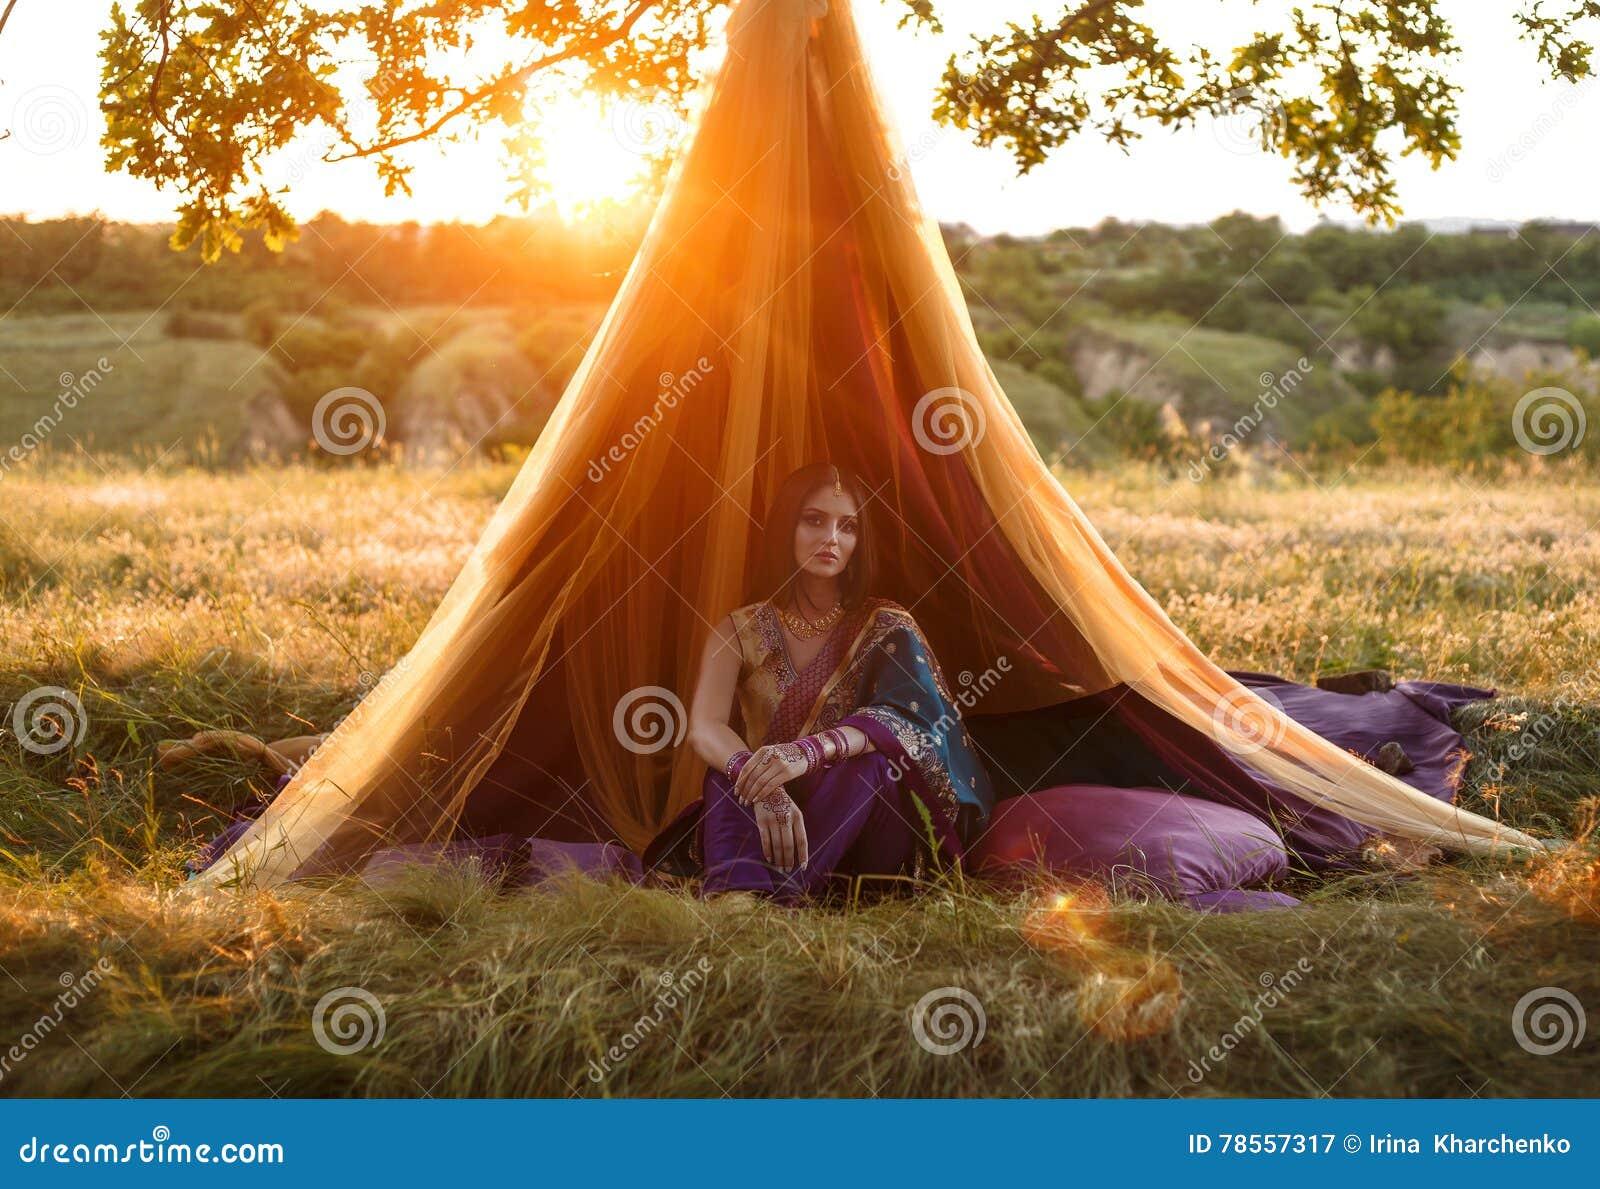 Luxuriöses indisches Mädchen sitzt in einem Zelt draußen, bei Sonnenuntergang